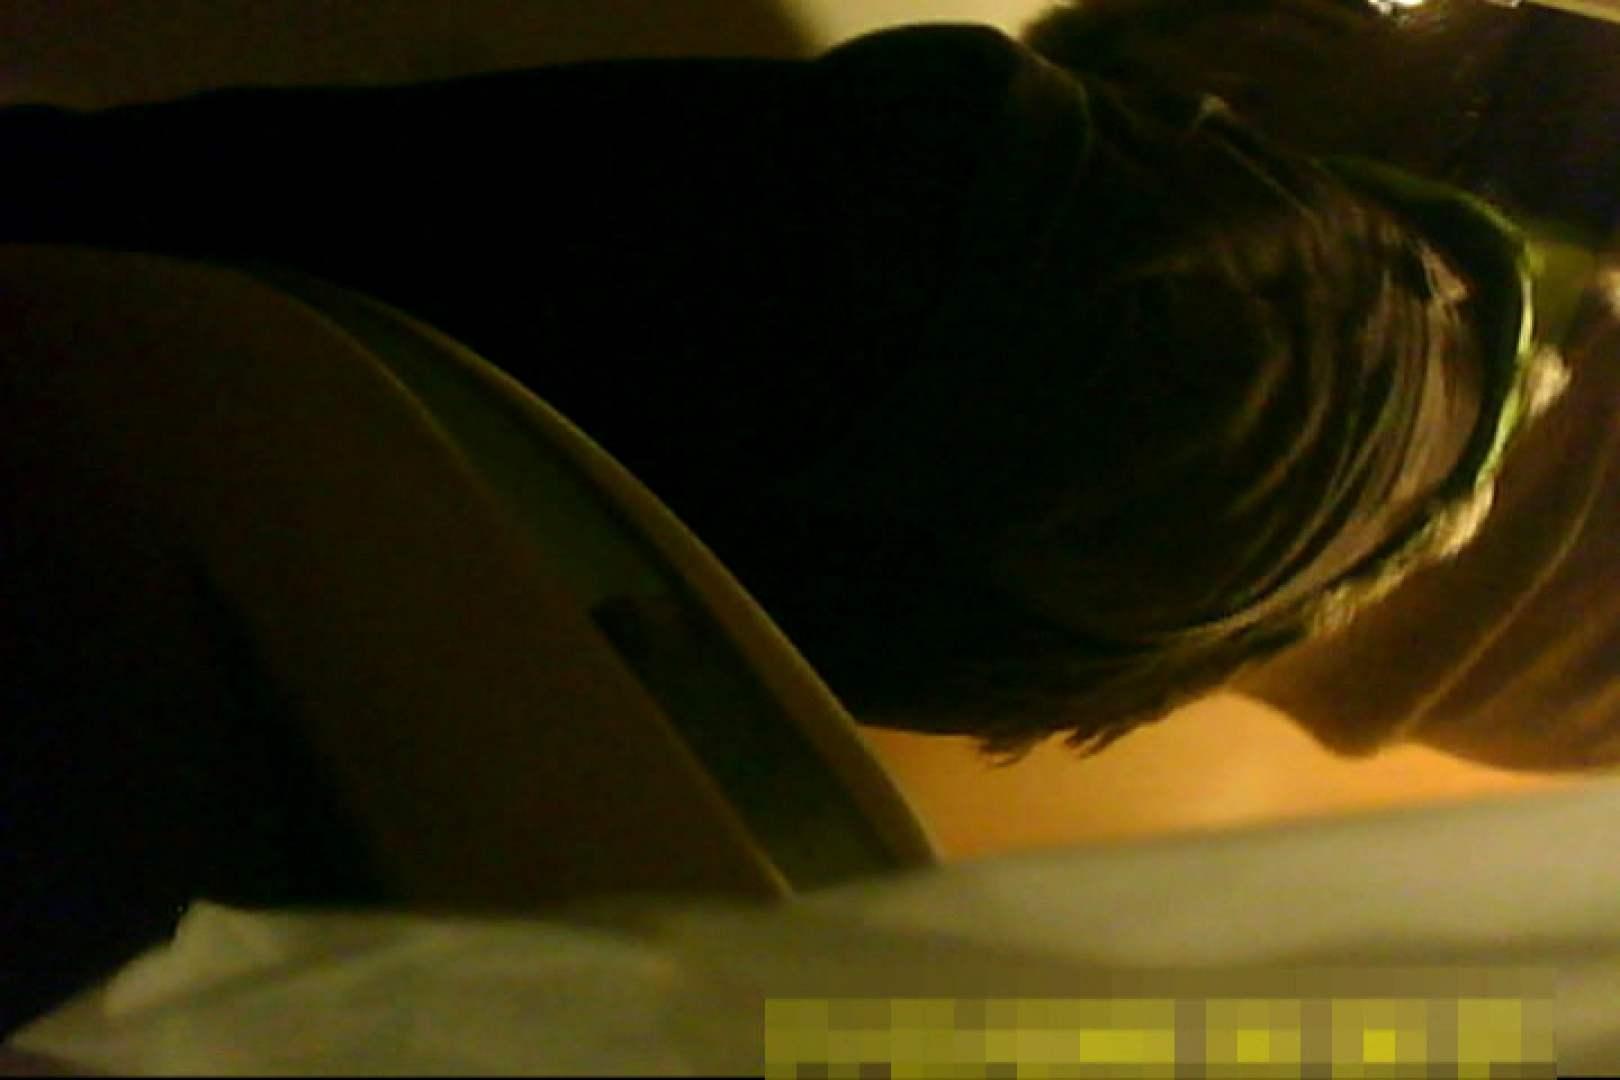 魅惑の化粧室~禁断のプライベート空間~vol.8 熟女丸裸 アダルト動画キャプチャ 91pic 49